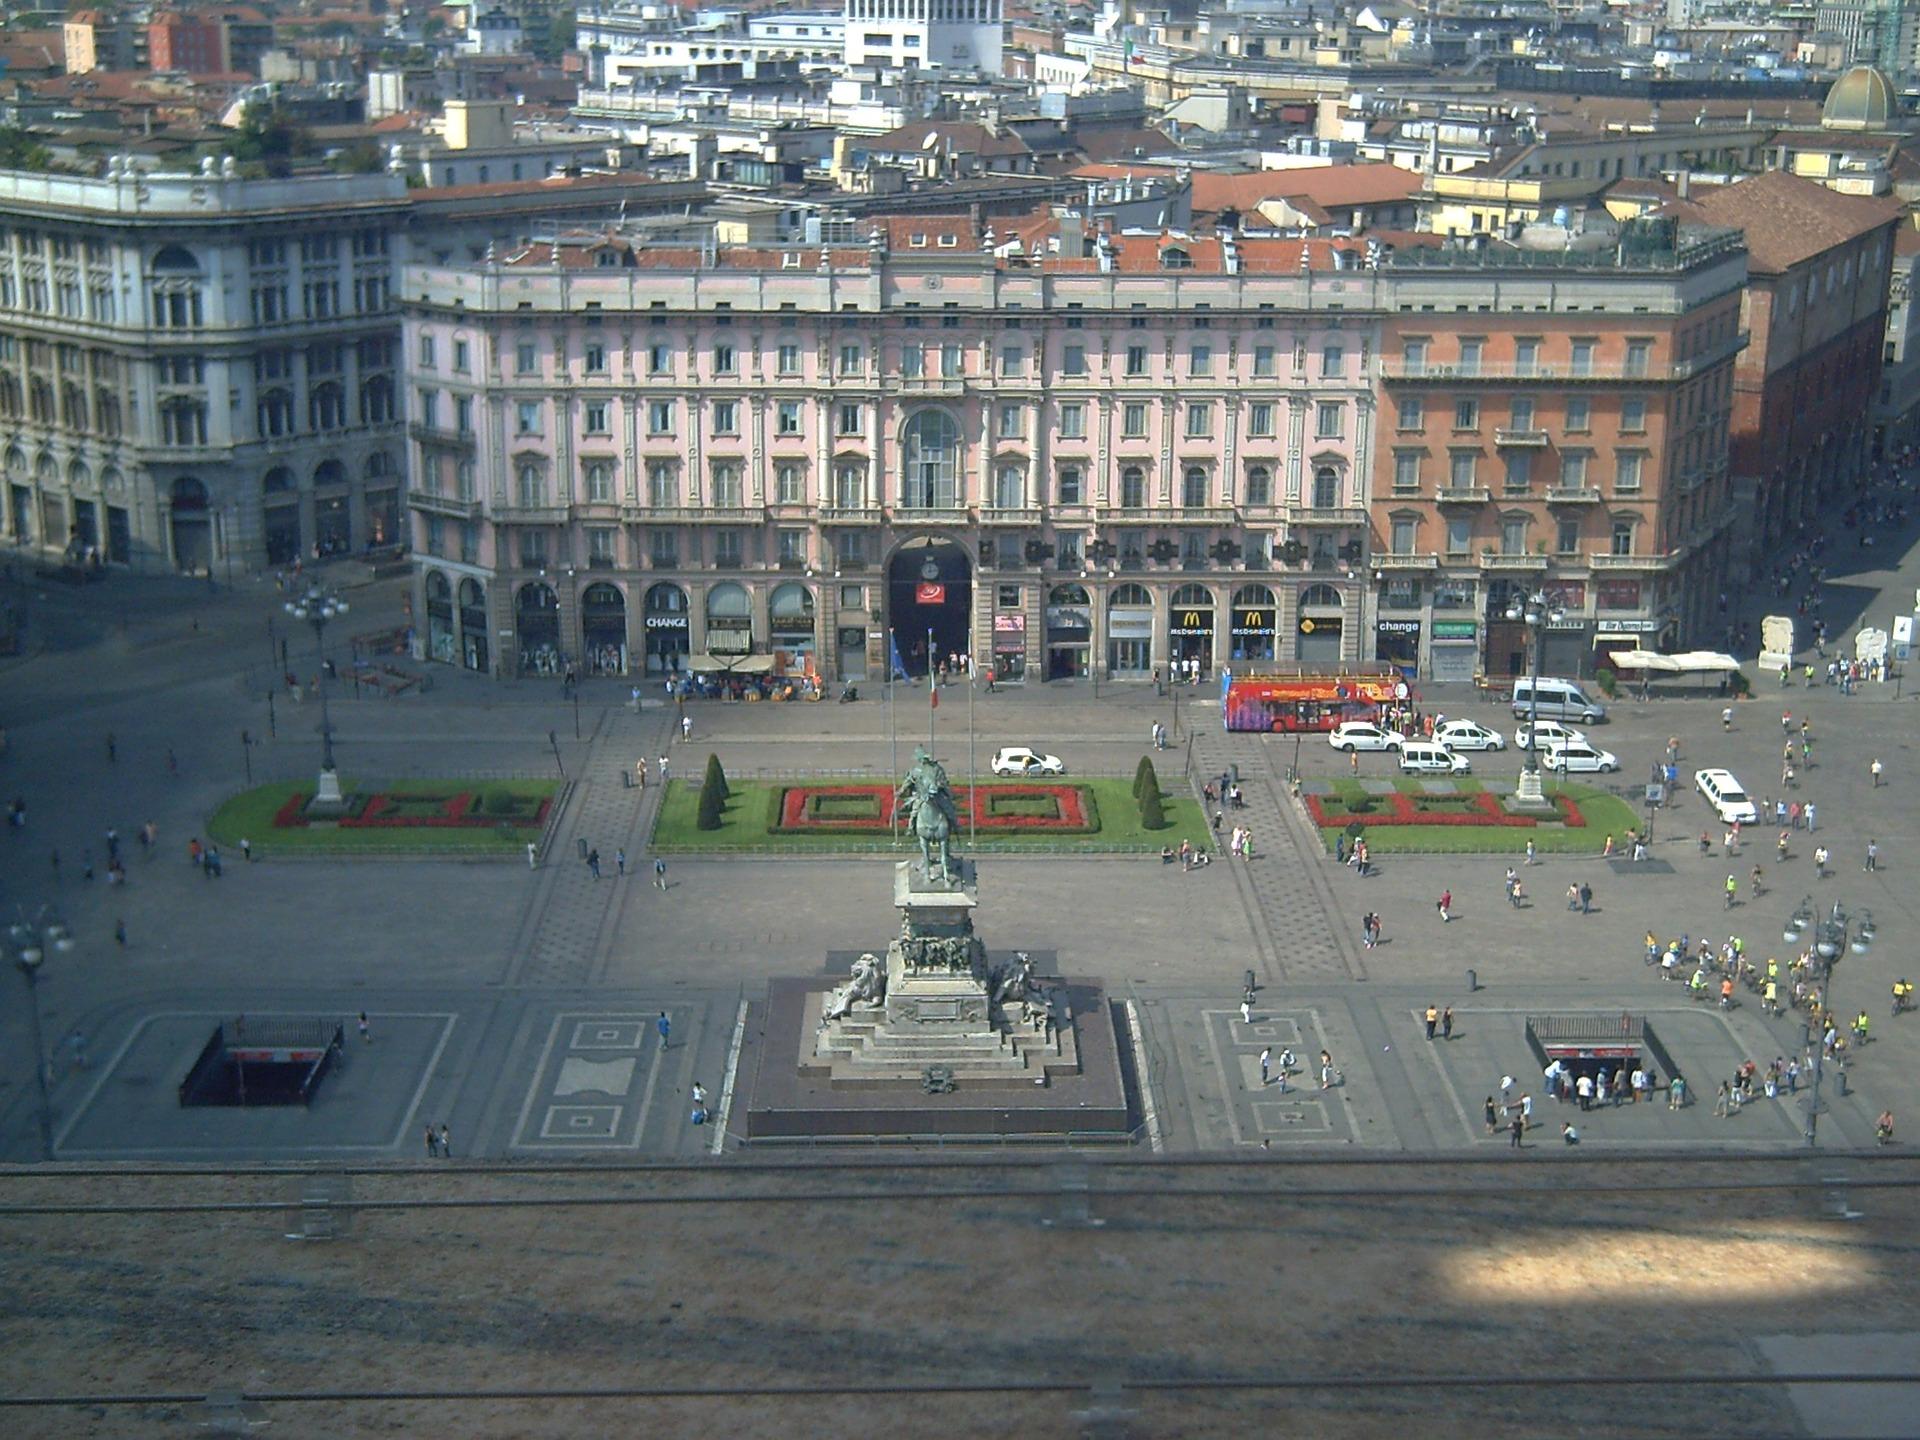 Solch klare Sicht findet man nicht immer in Mailand, Foto: Pixabay